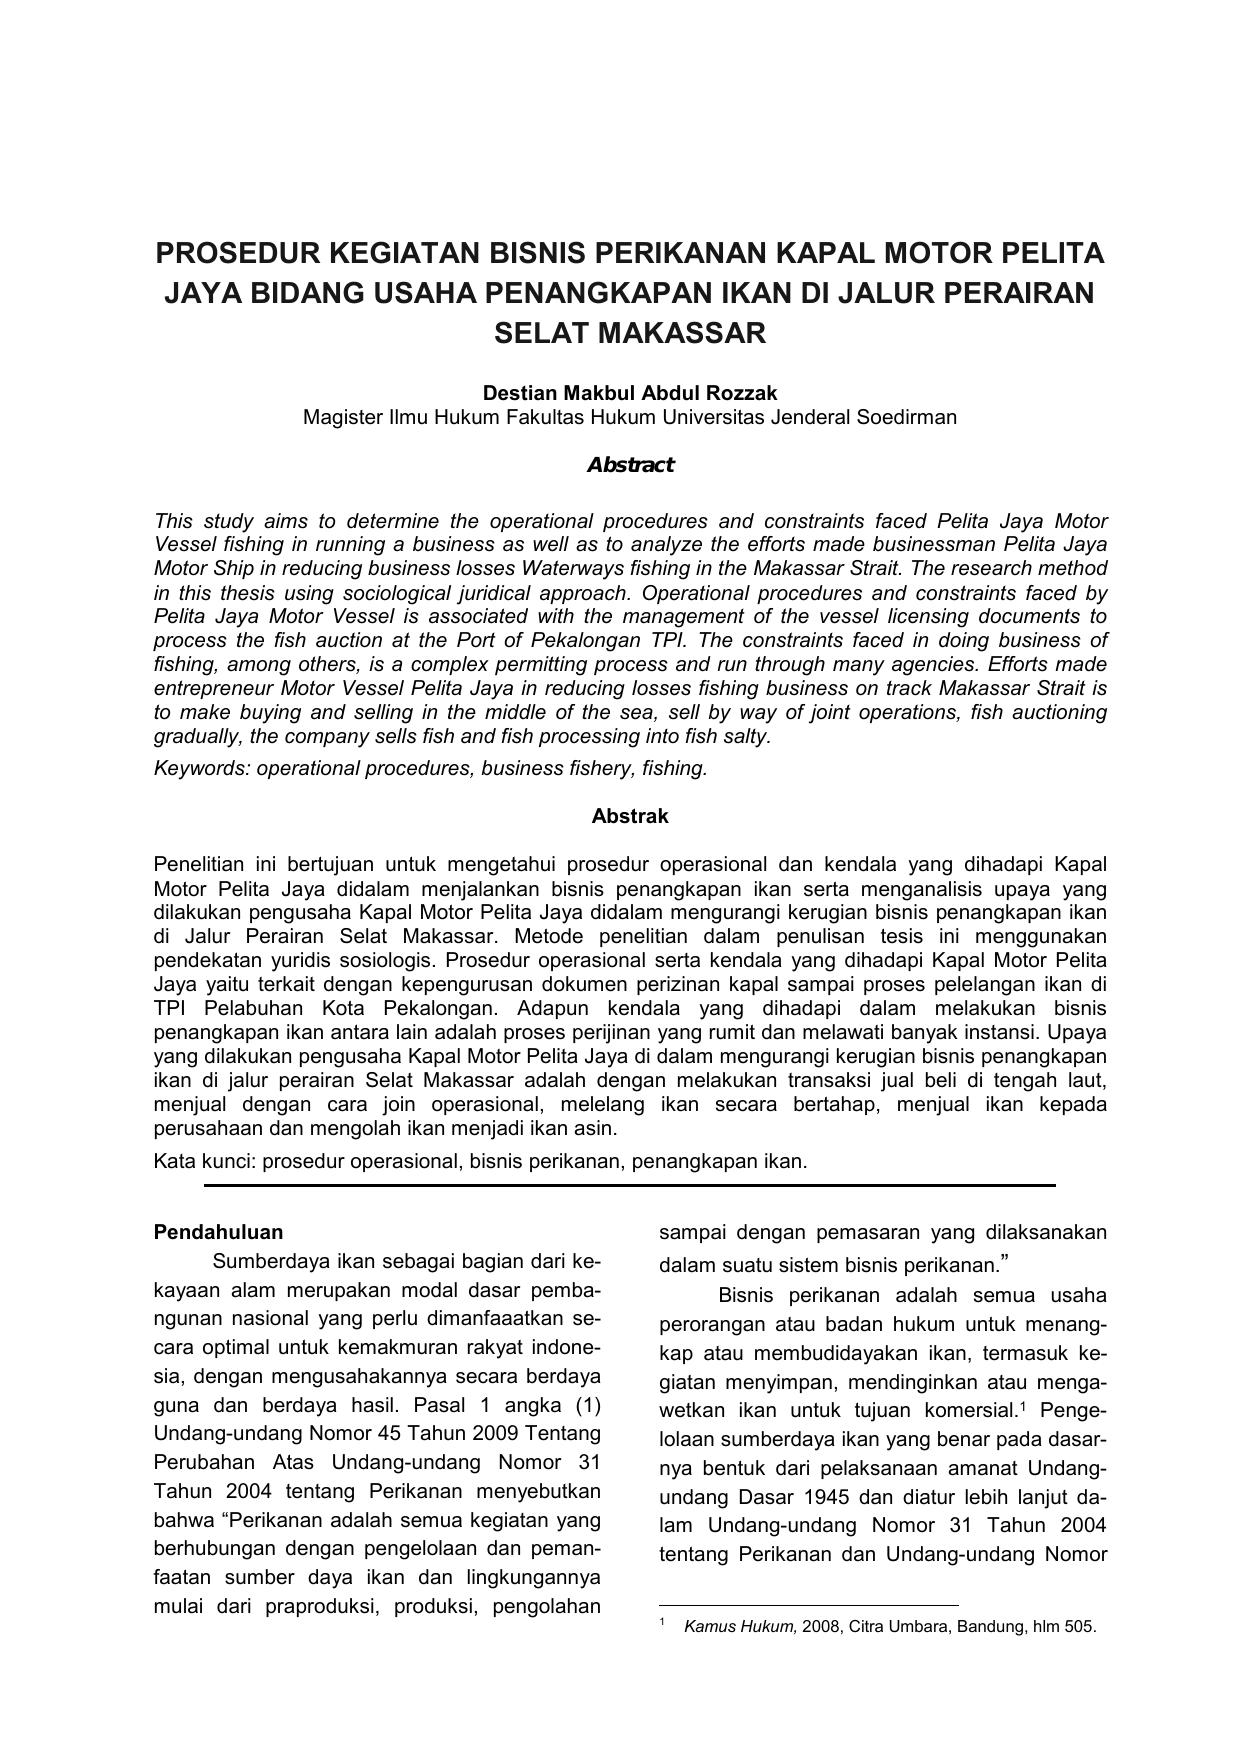 Prosedur Kegiatan Bisnis Perikanan Kapal Motor Pelita Jaya Bidang